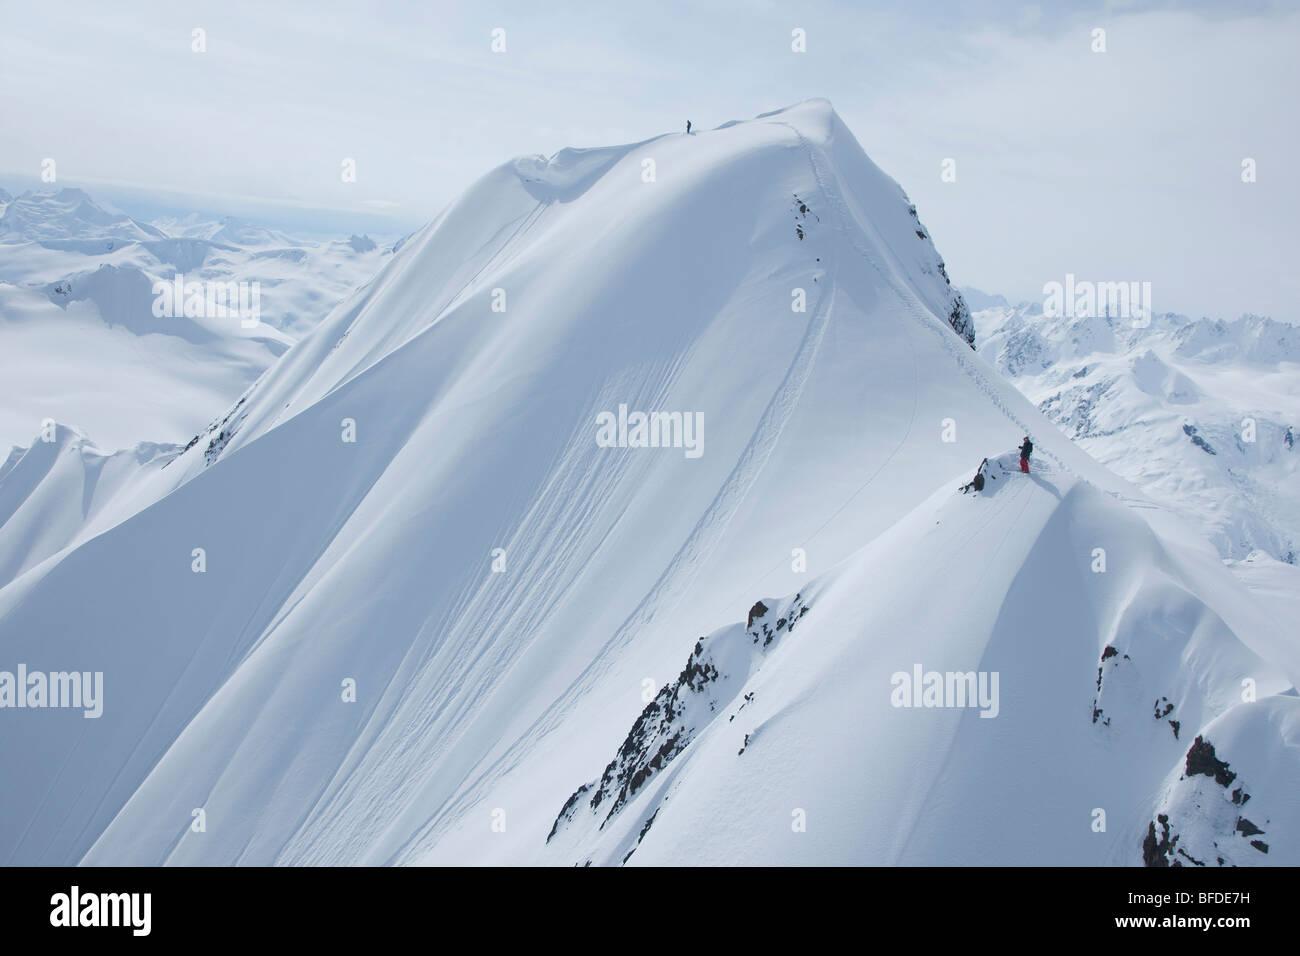 Una Montaña Nevada: Dos Esquiadores Sobre Una Montaña Nevada Preparándose